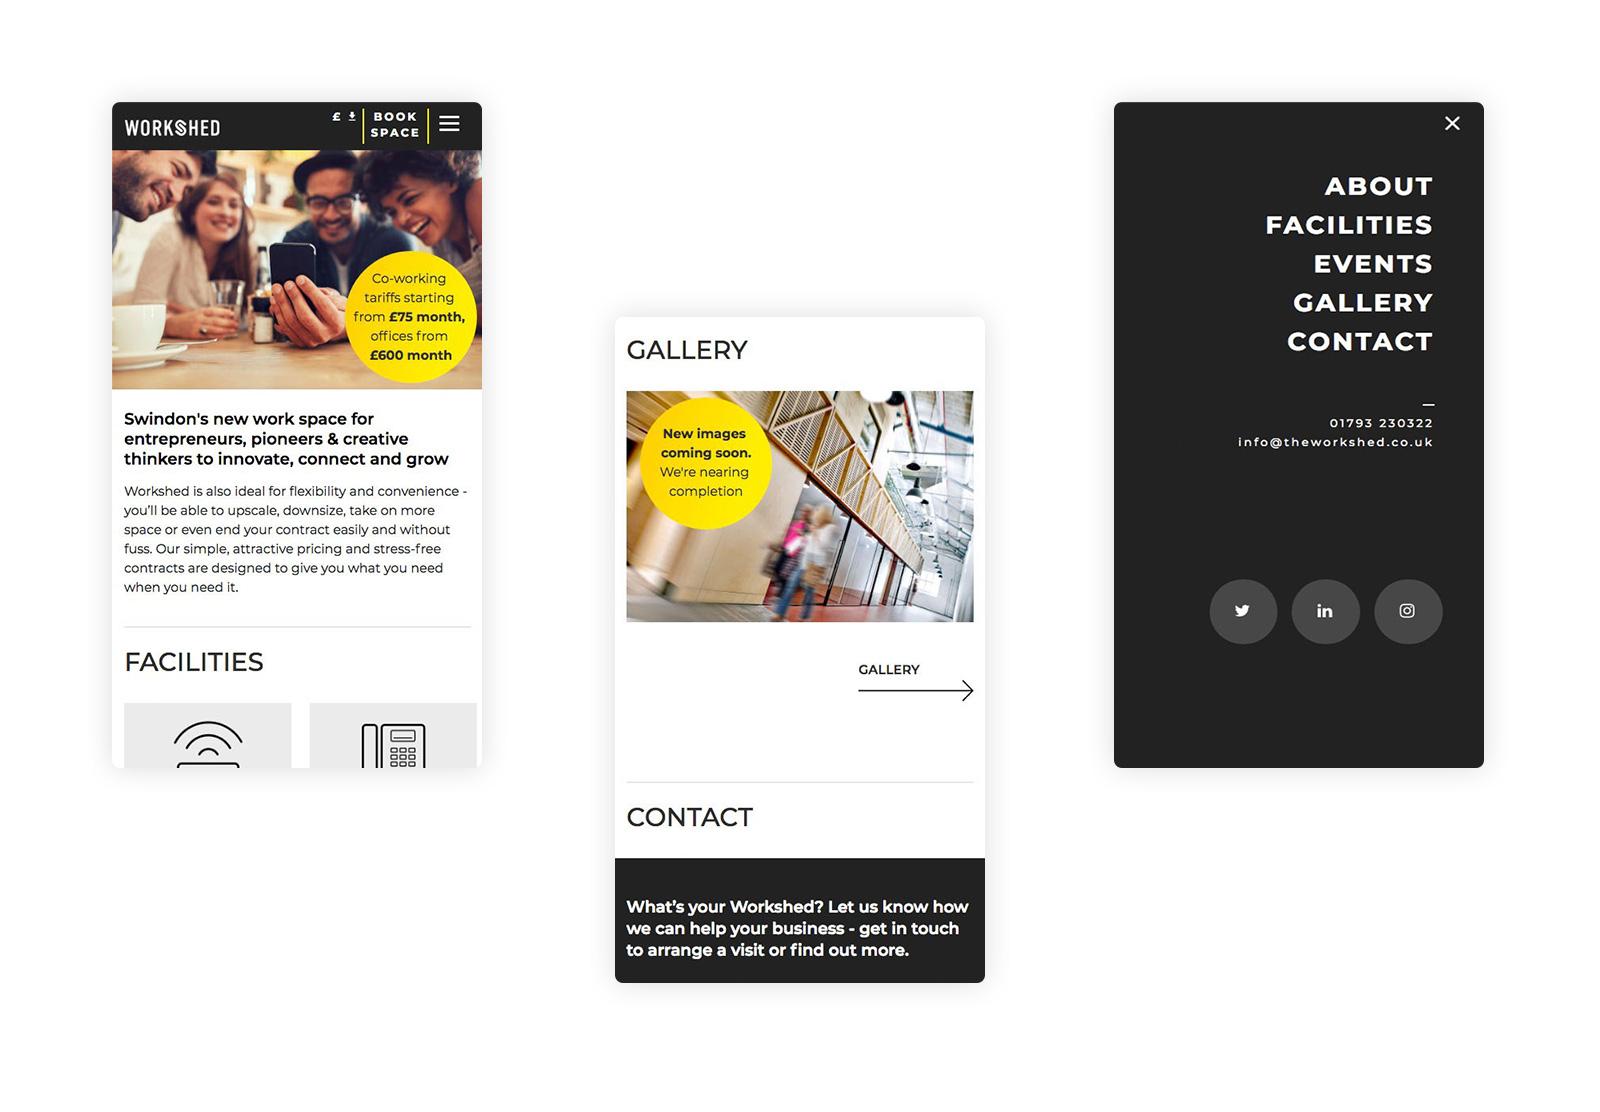 mobile website design for workshed in Swindon